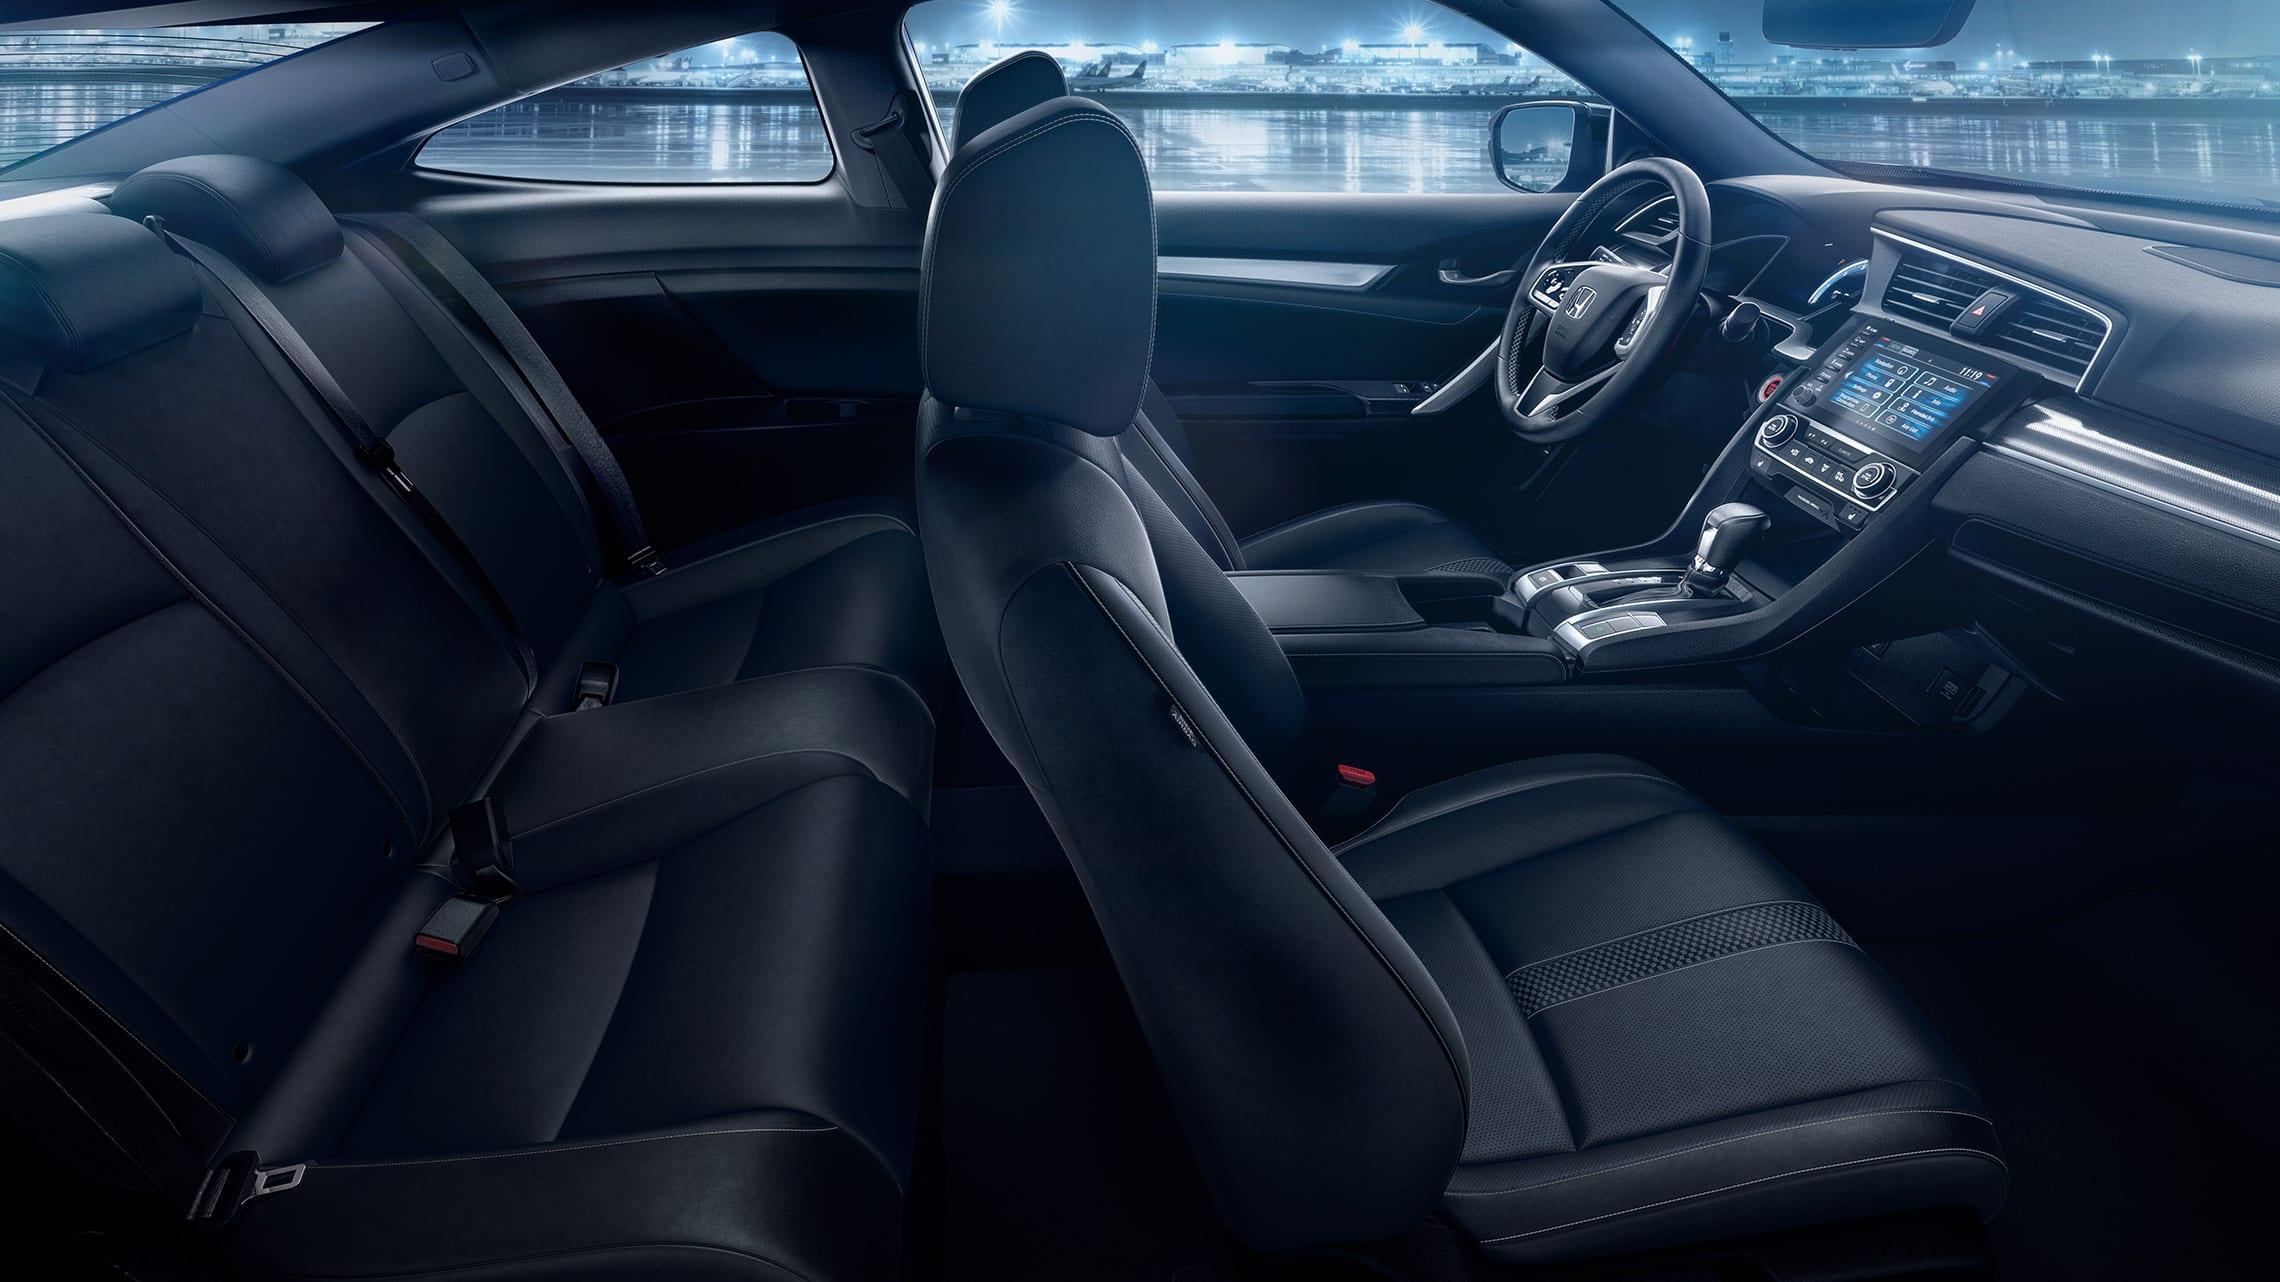 Vista del interior desde el lado del pasajero de los asientos delanteros y traseros del Honda Civic Touring Coupé2020 con Black Leather.